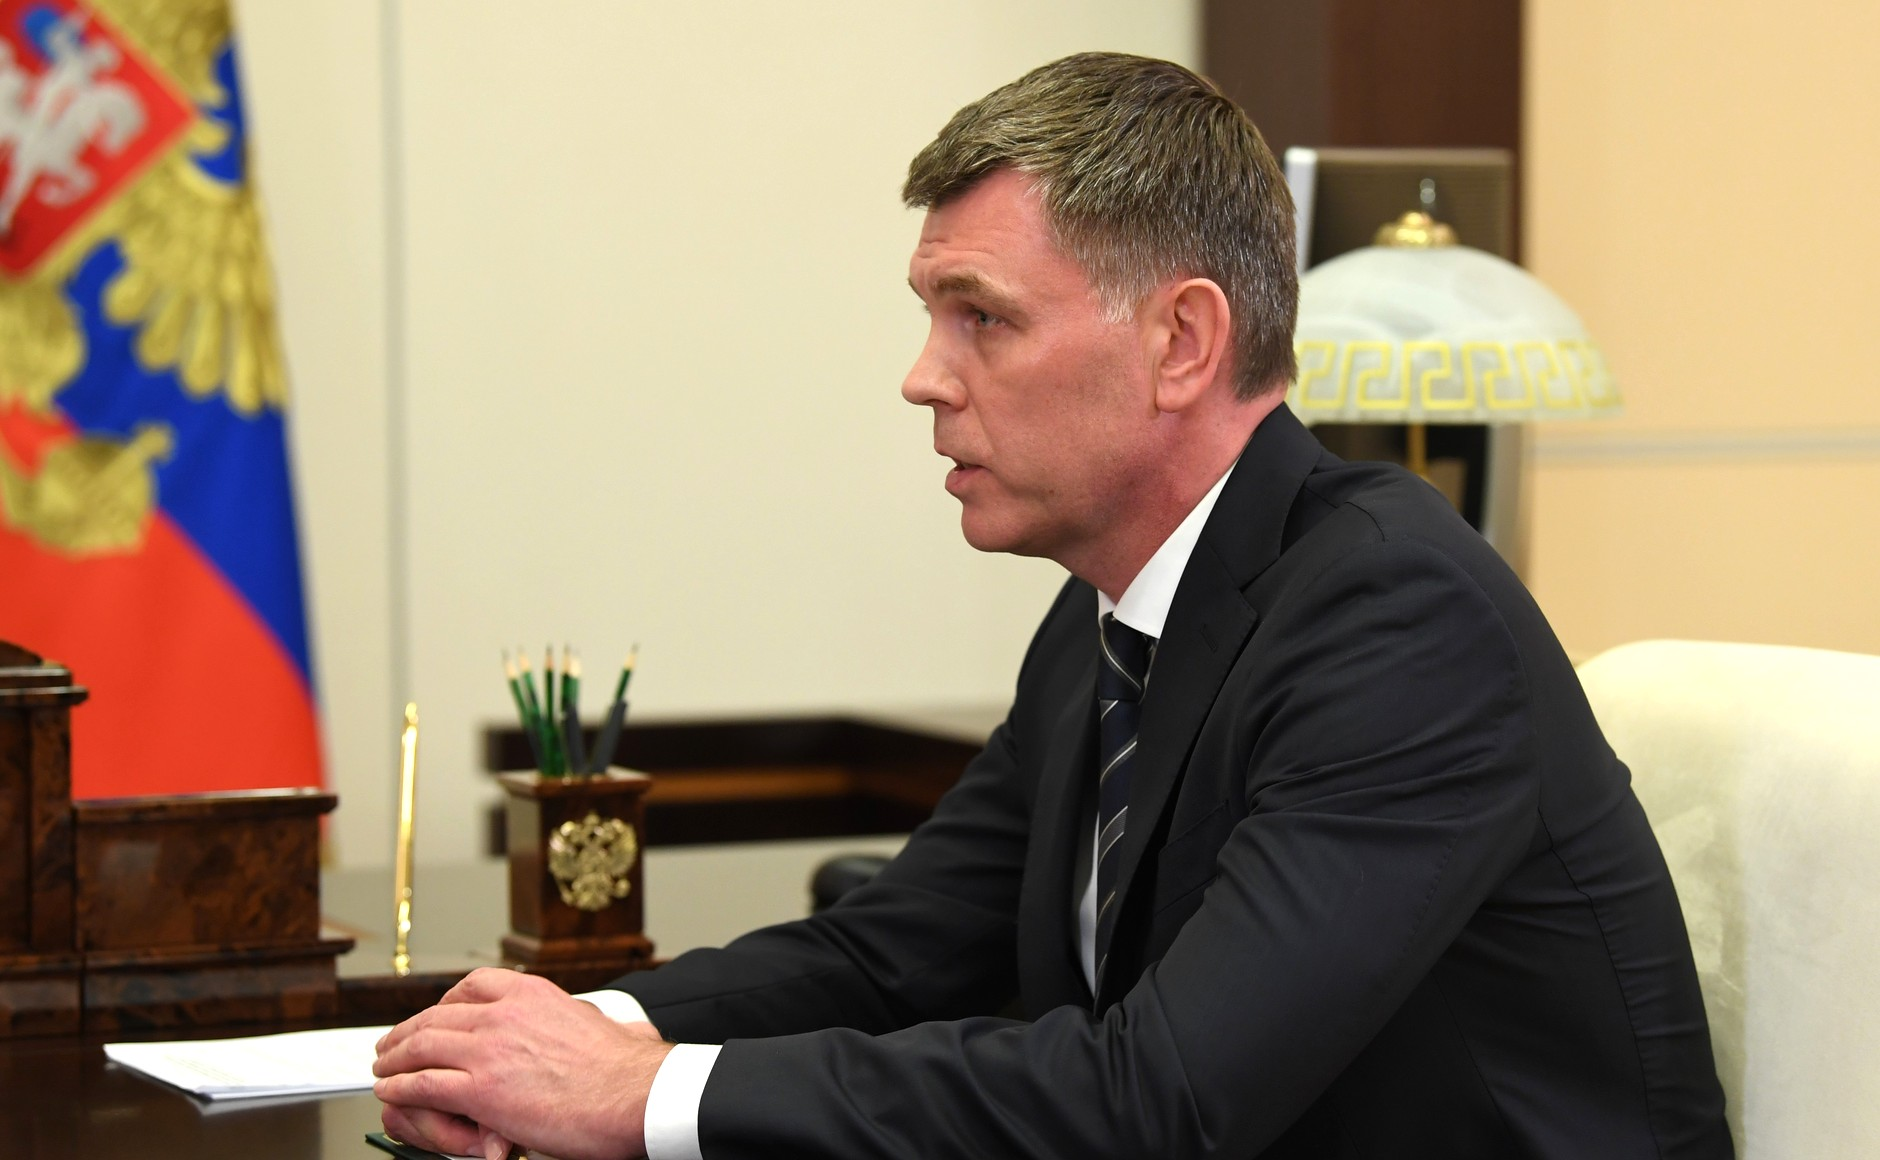 KREMLIN 3 X 4 DU 26.08.2020 Lors de la réunion avec le directeur du Service fédéral des huissiers de justice (FBS), l'huissier en chef de la Fédération de Russie Dmitri Aristov. EITRuf3T7AZDZ5iDmyATJ6CwKmF8AvVX